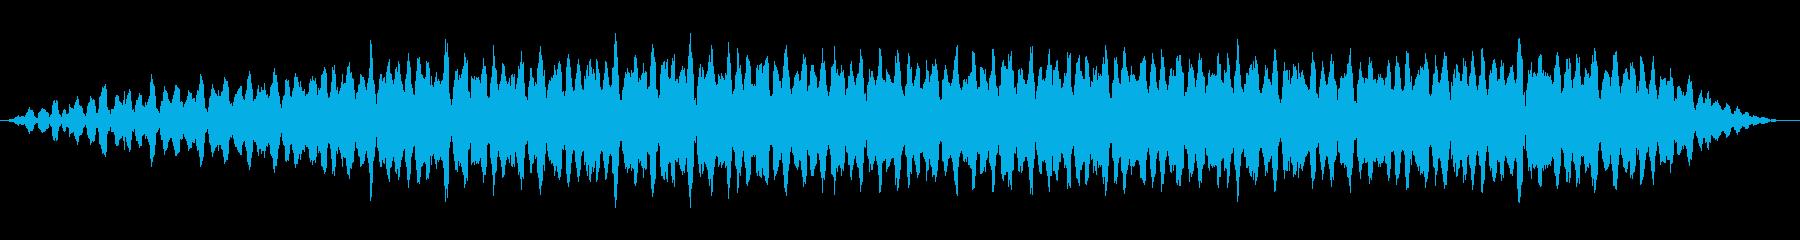 エネルギー溜め(ワンワンワンワン)の再生済みの波形